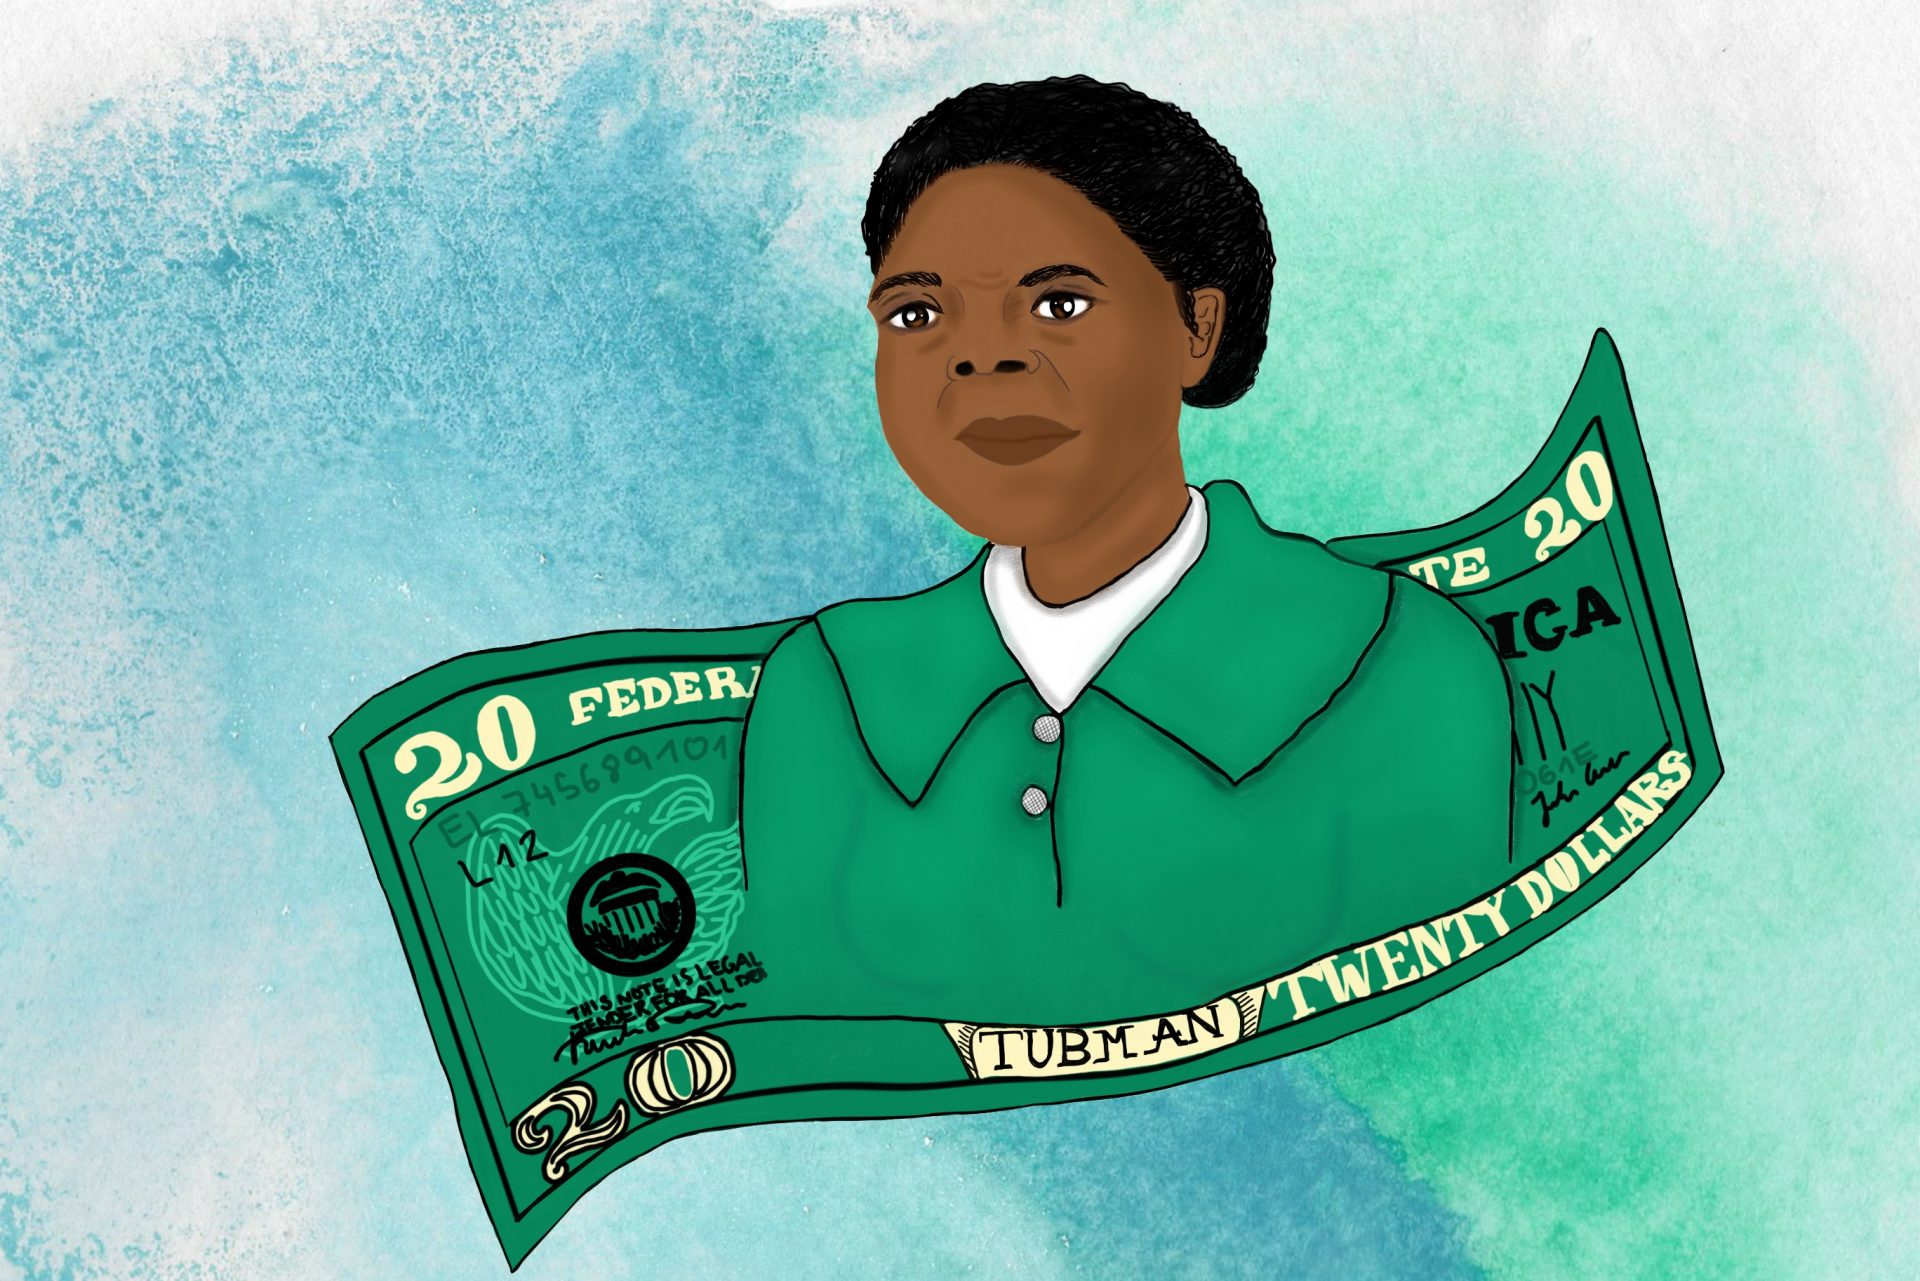 Harriet Tubman: Fluchthelferin, Spionin, Krankenschwester